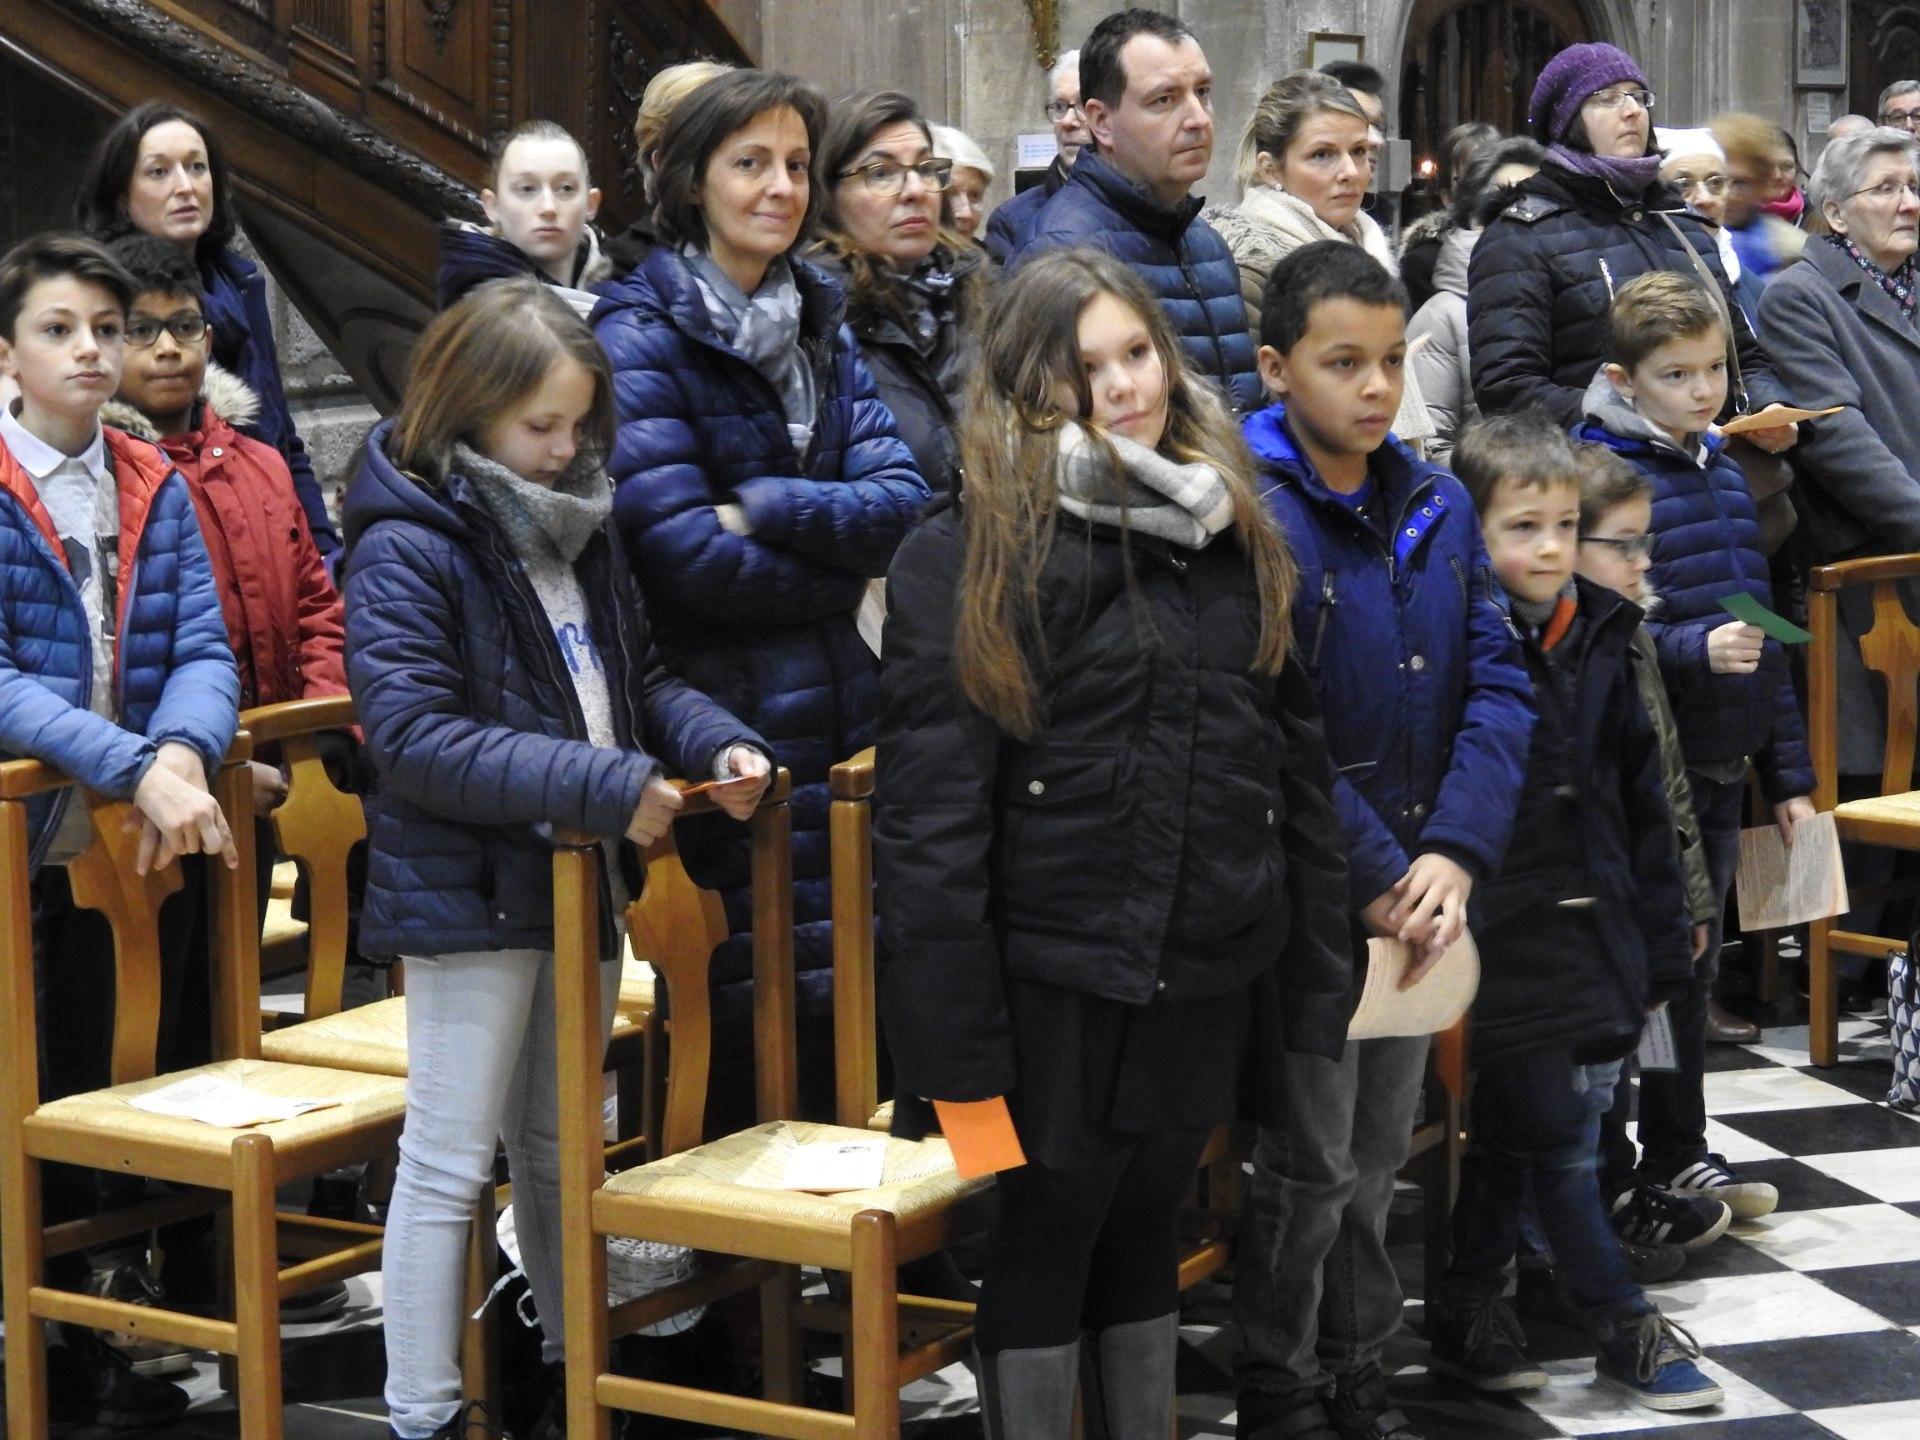 Messe familles St Francois 2018 01 21 (3)